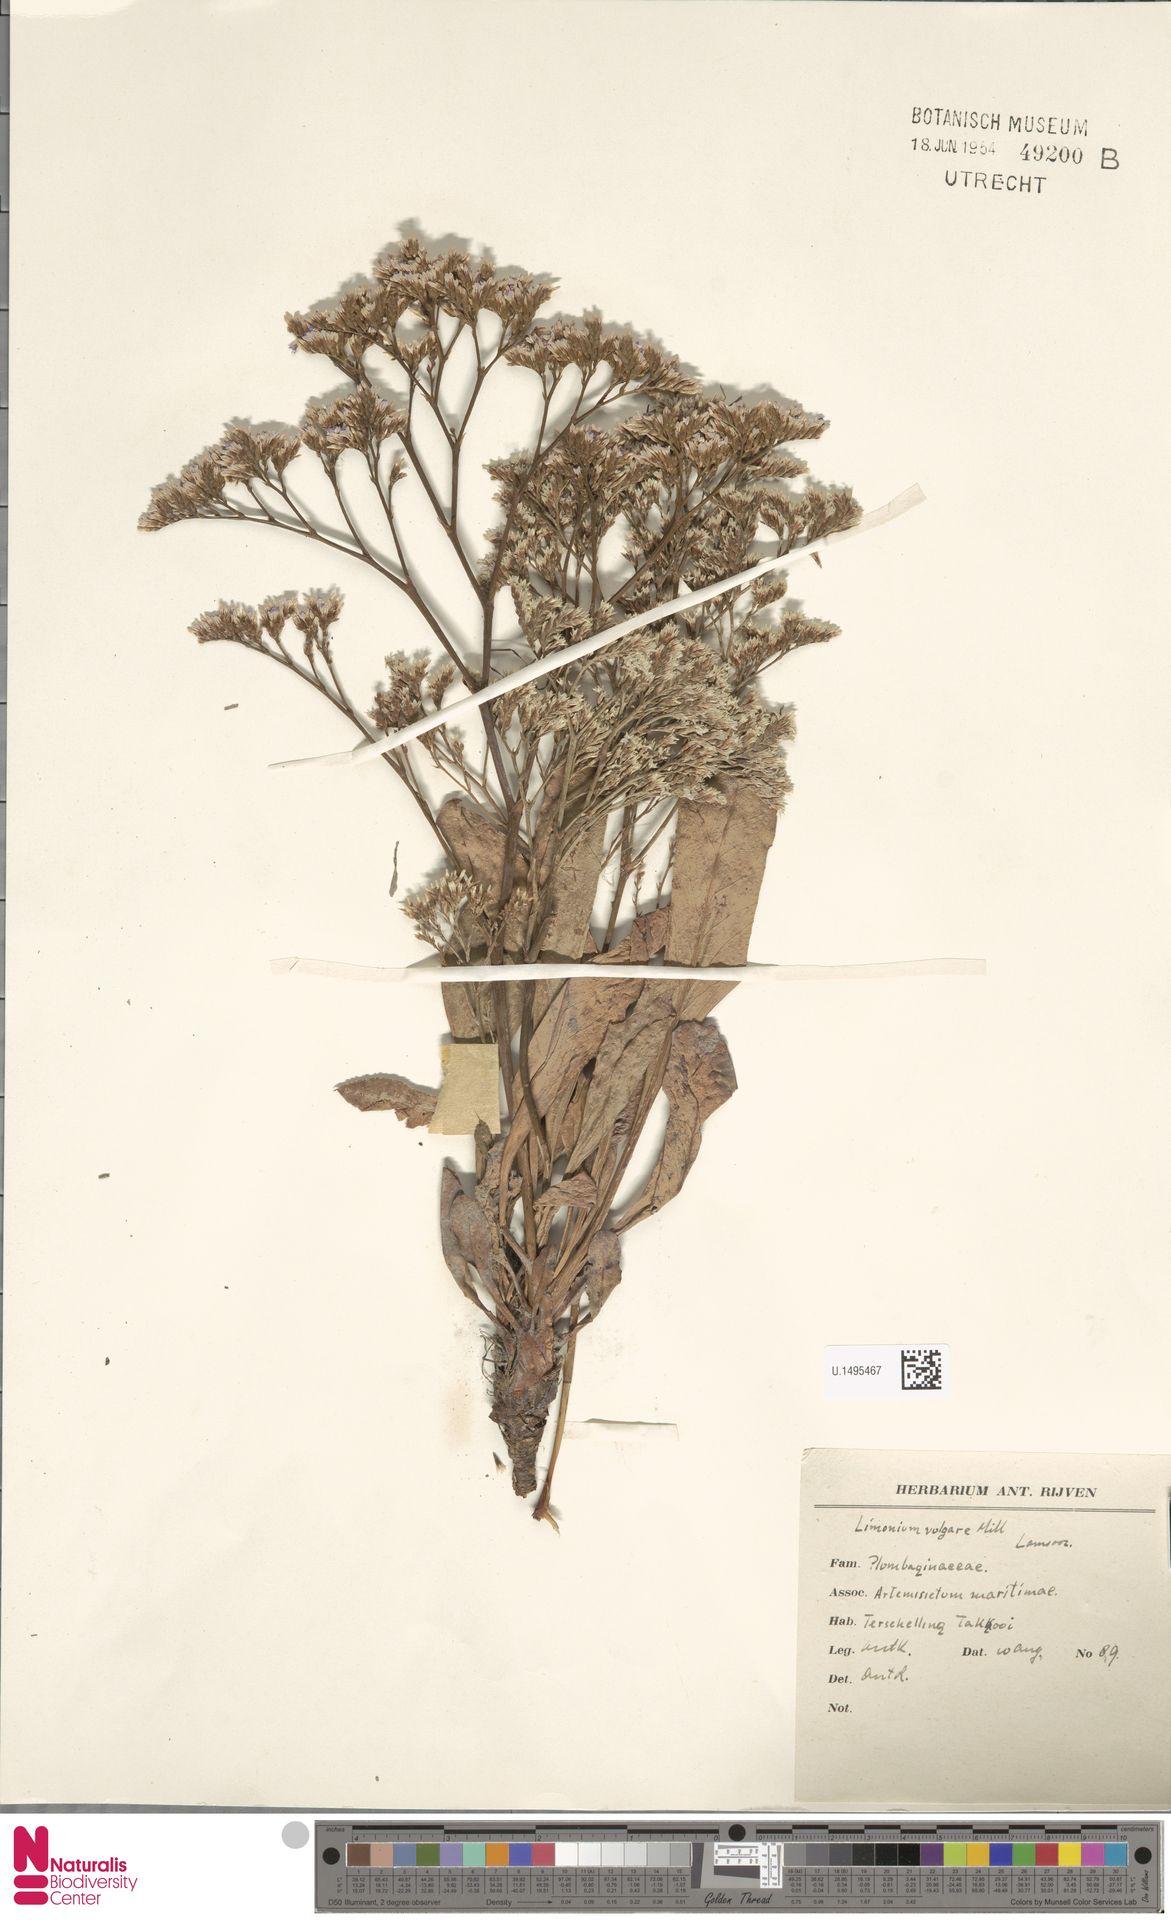 U.1495467 | Limonium vulgare Mill.